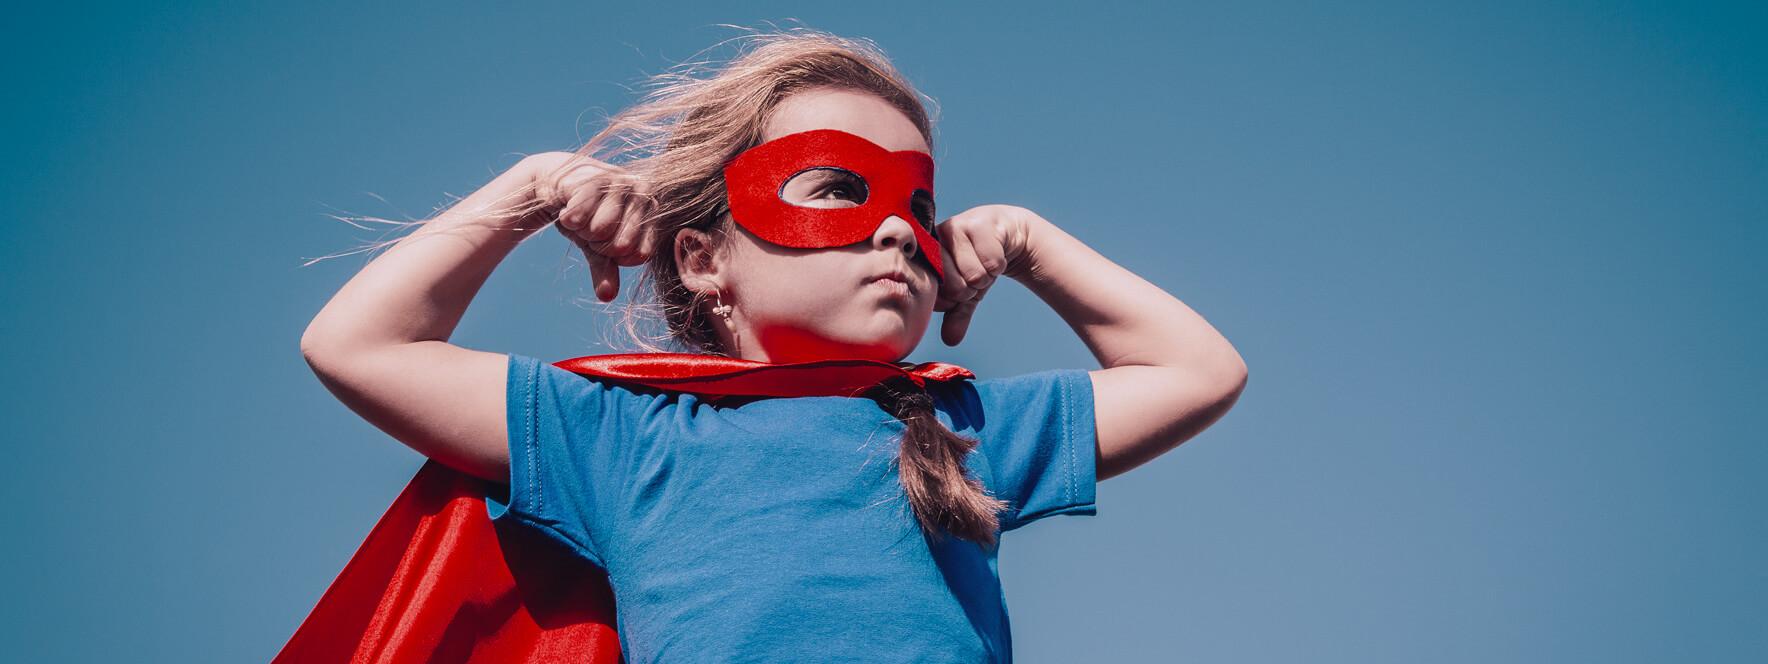 Petite fille amusante en super héros en pleine santé avec un bon système immunitaire